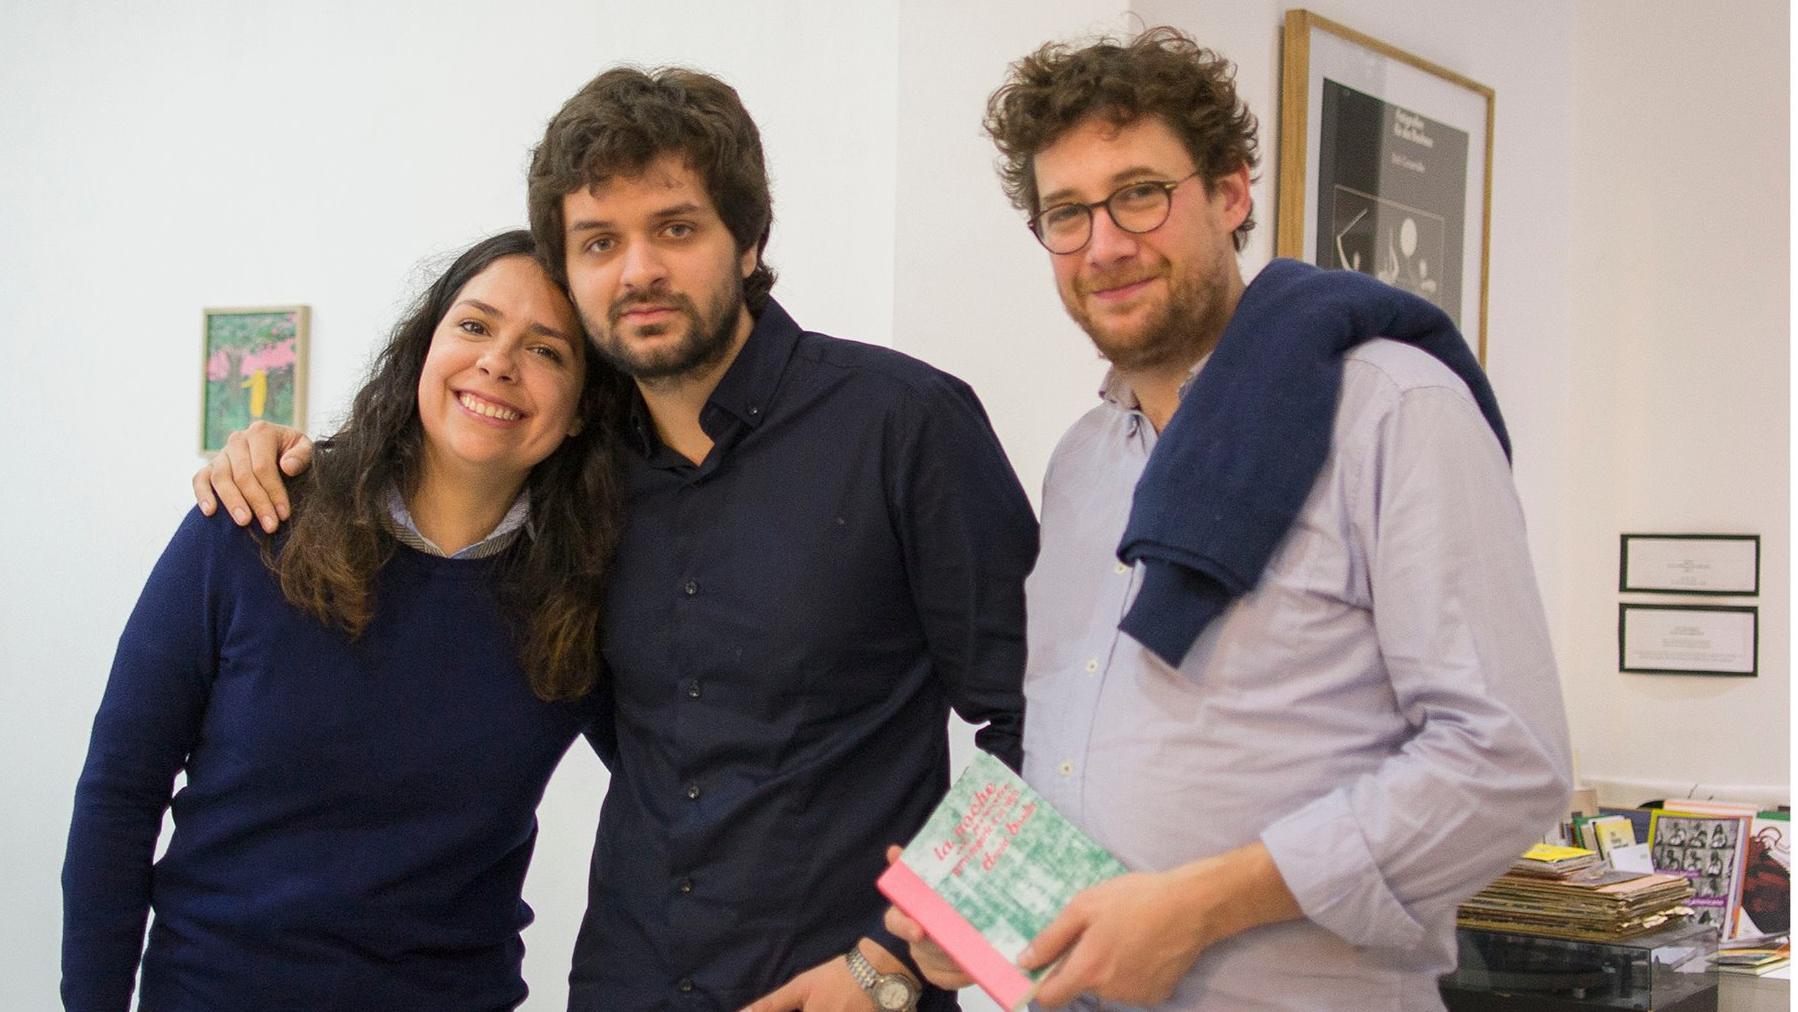 La presentación del libro de Daniel Basilio, junto al editor Nicolás Manzi.